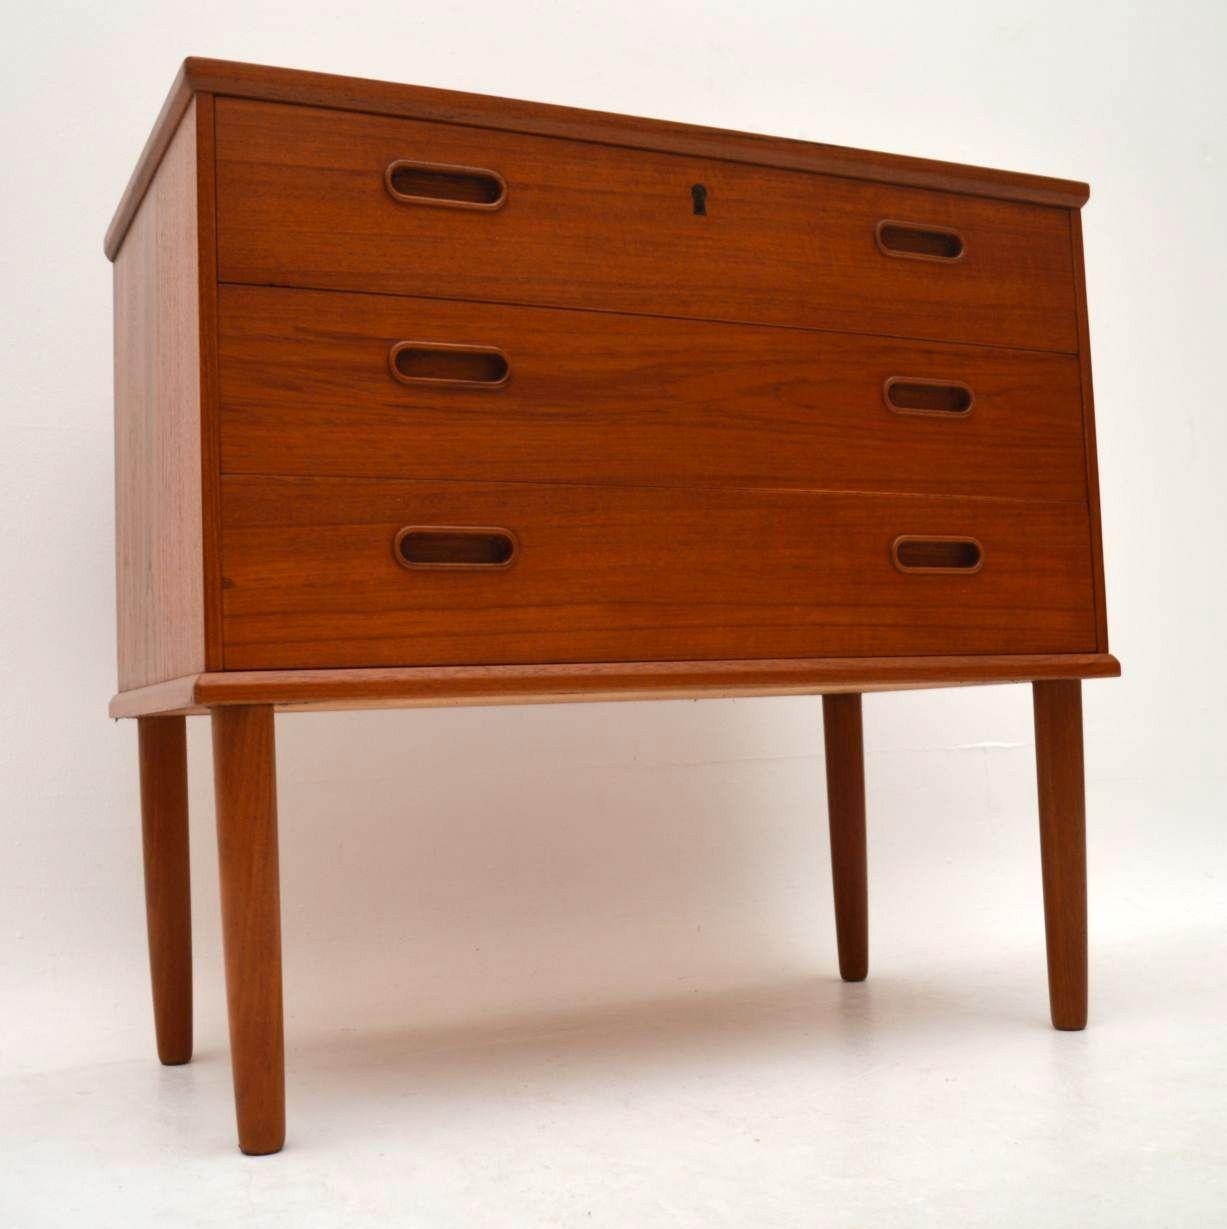 teak retro furniture. Danish Teak Retro Chest Of Drawers Vintage 1960\u0027s Furniture R